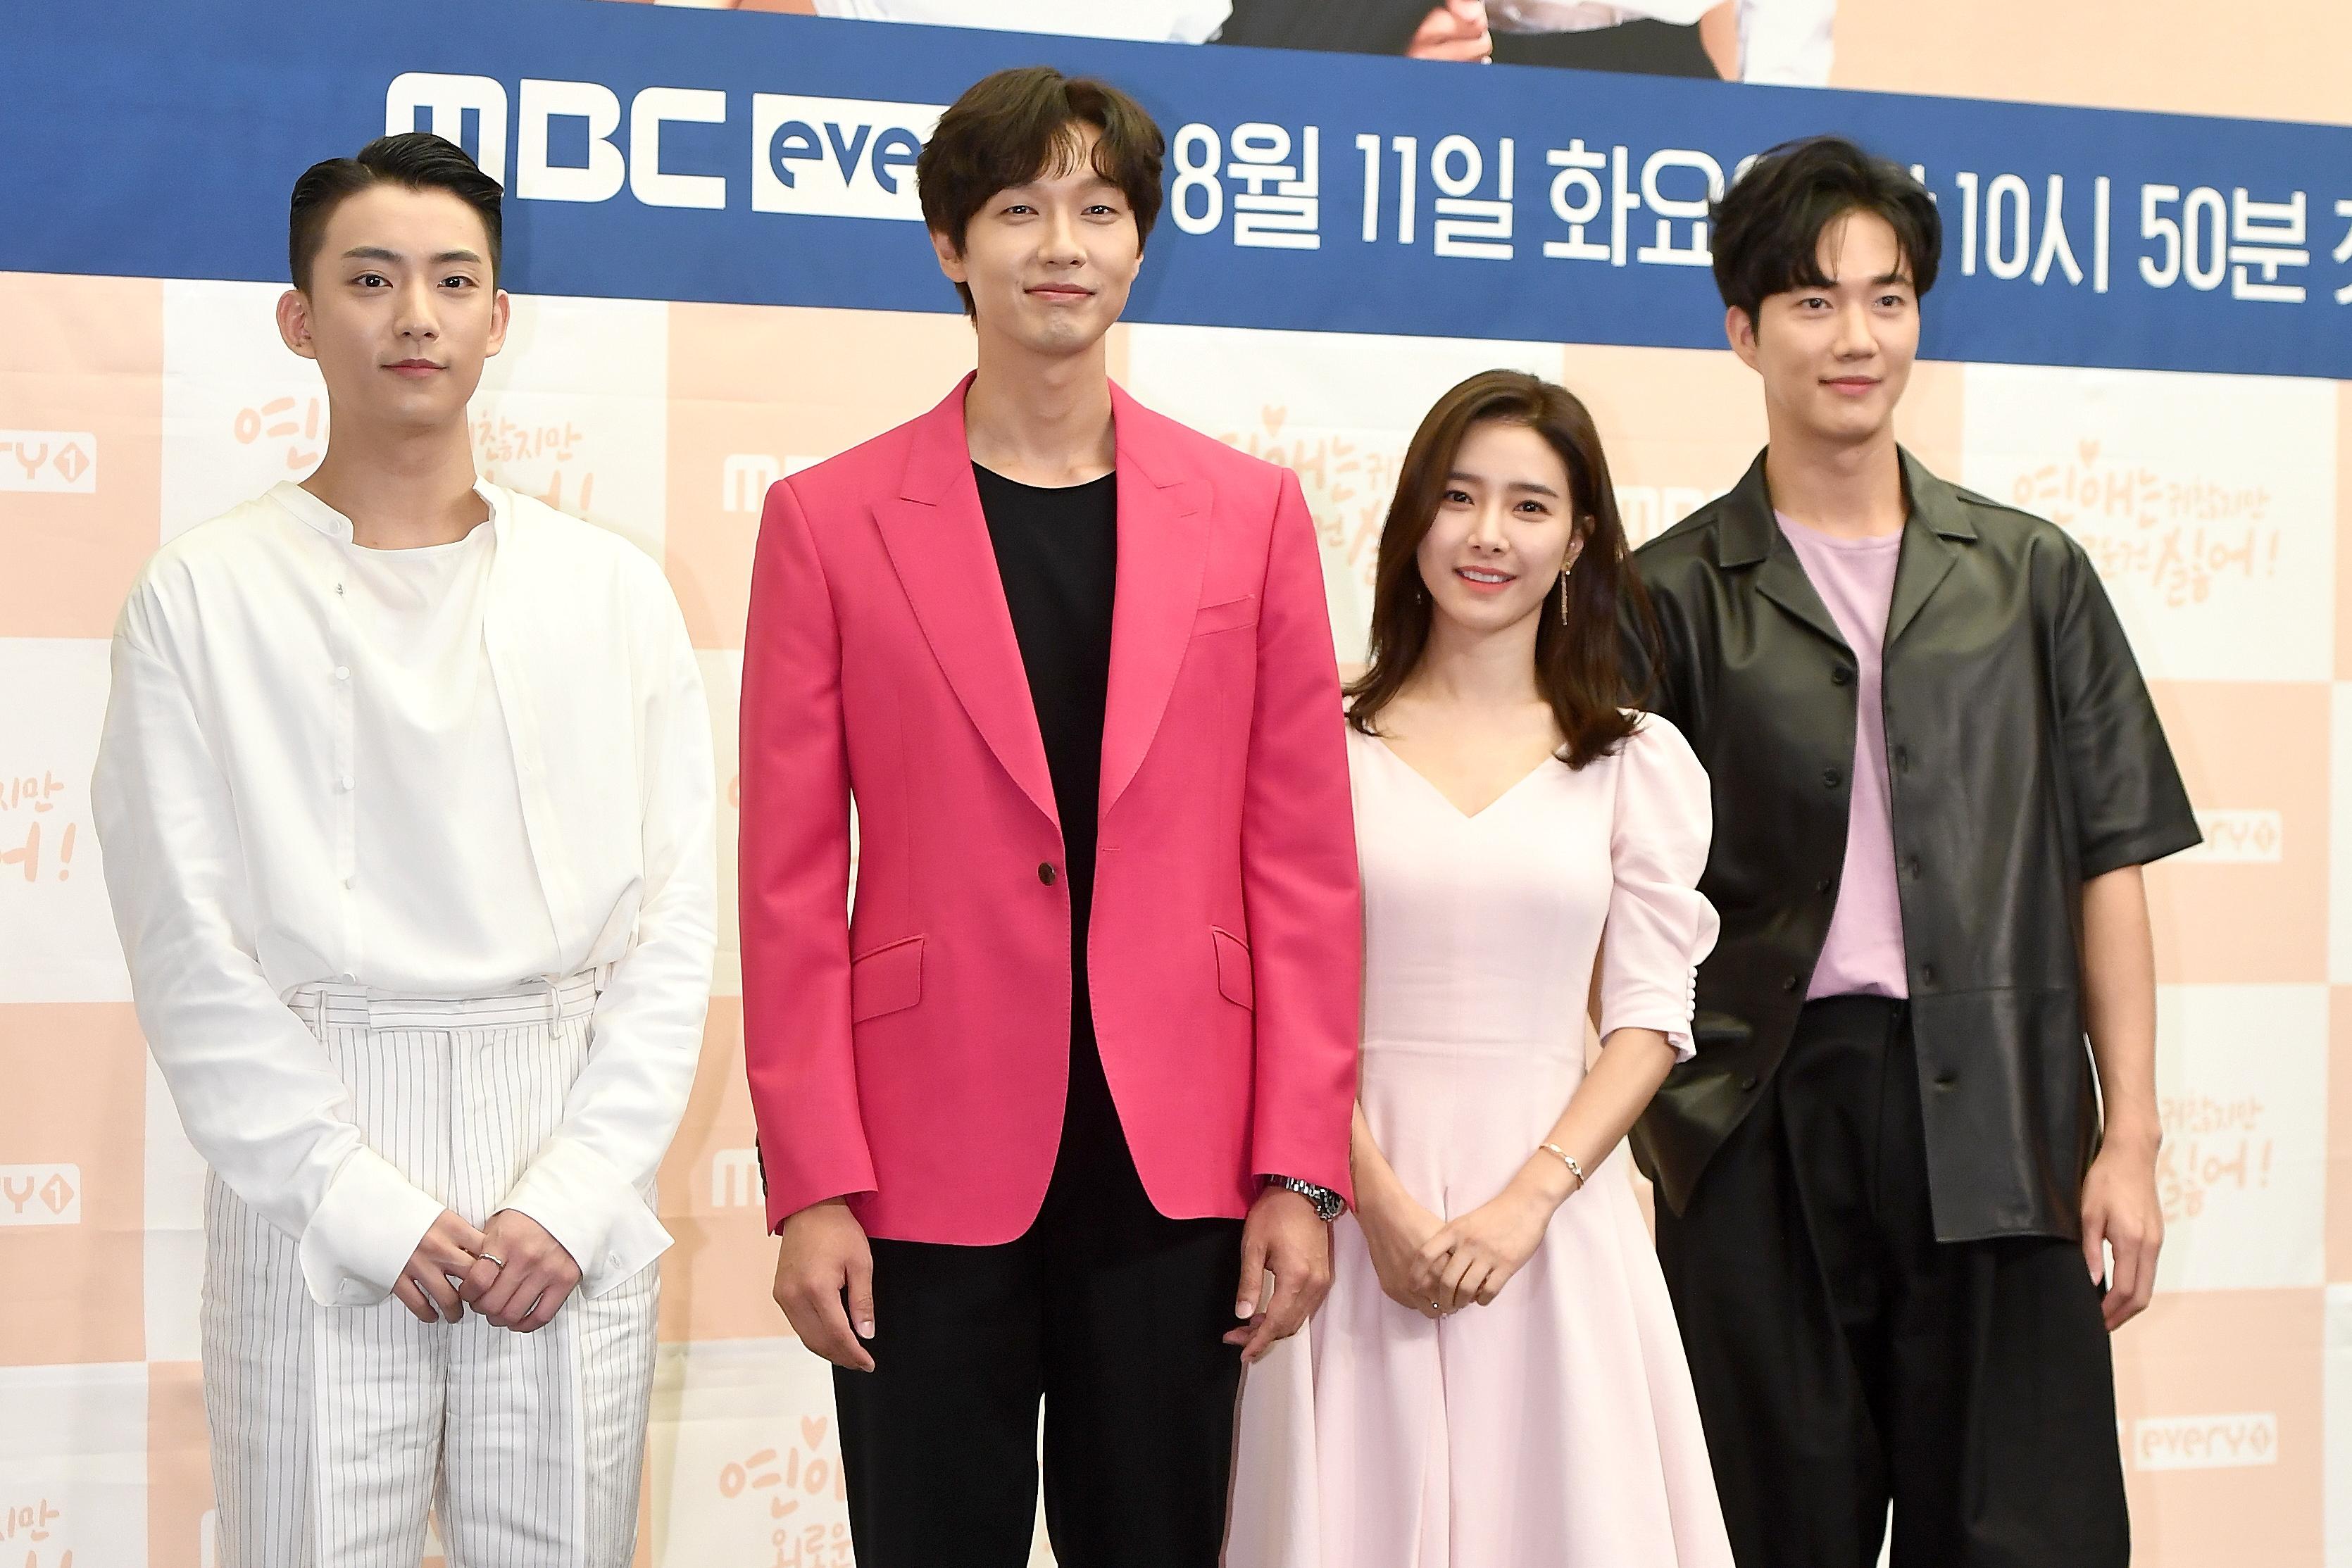 """""""심장 폭격하겠다""""...지현우X김소은 '연애는 귀찮지만', 로코 장인들의 자신감(종합)"""